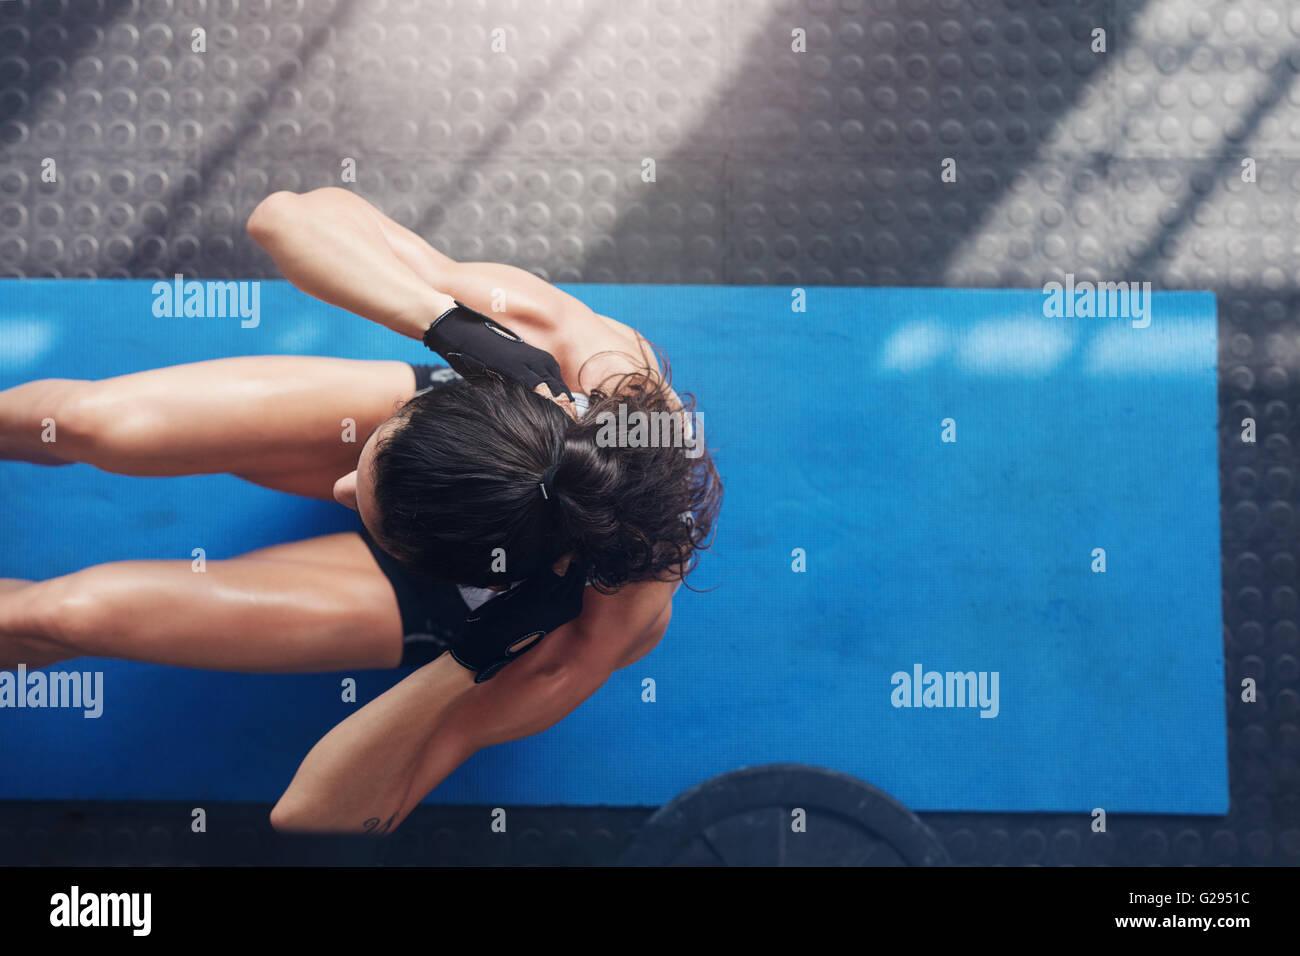 Draufsicht des weiblichen im Fitnessstudio trainieren. Muskulöse junge Frau tun Sit Ups auf eine Gymnastikmatte. Stockfoto